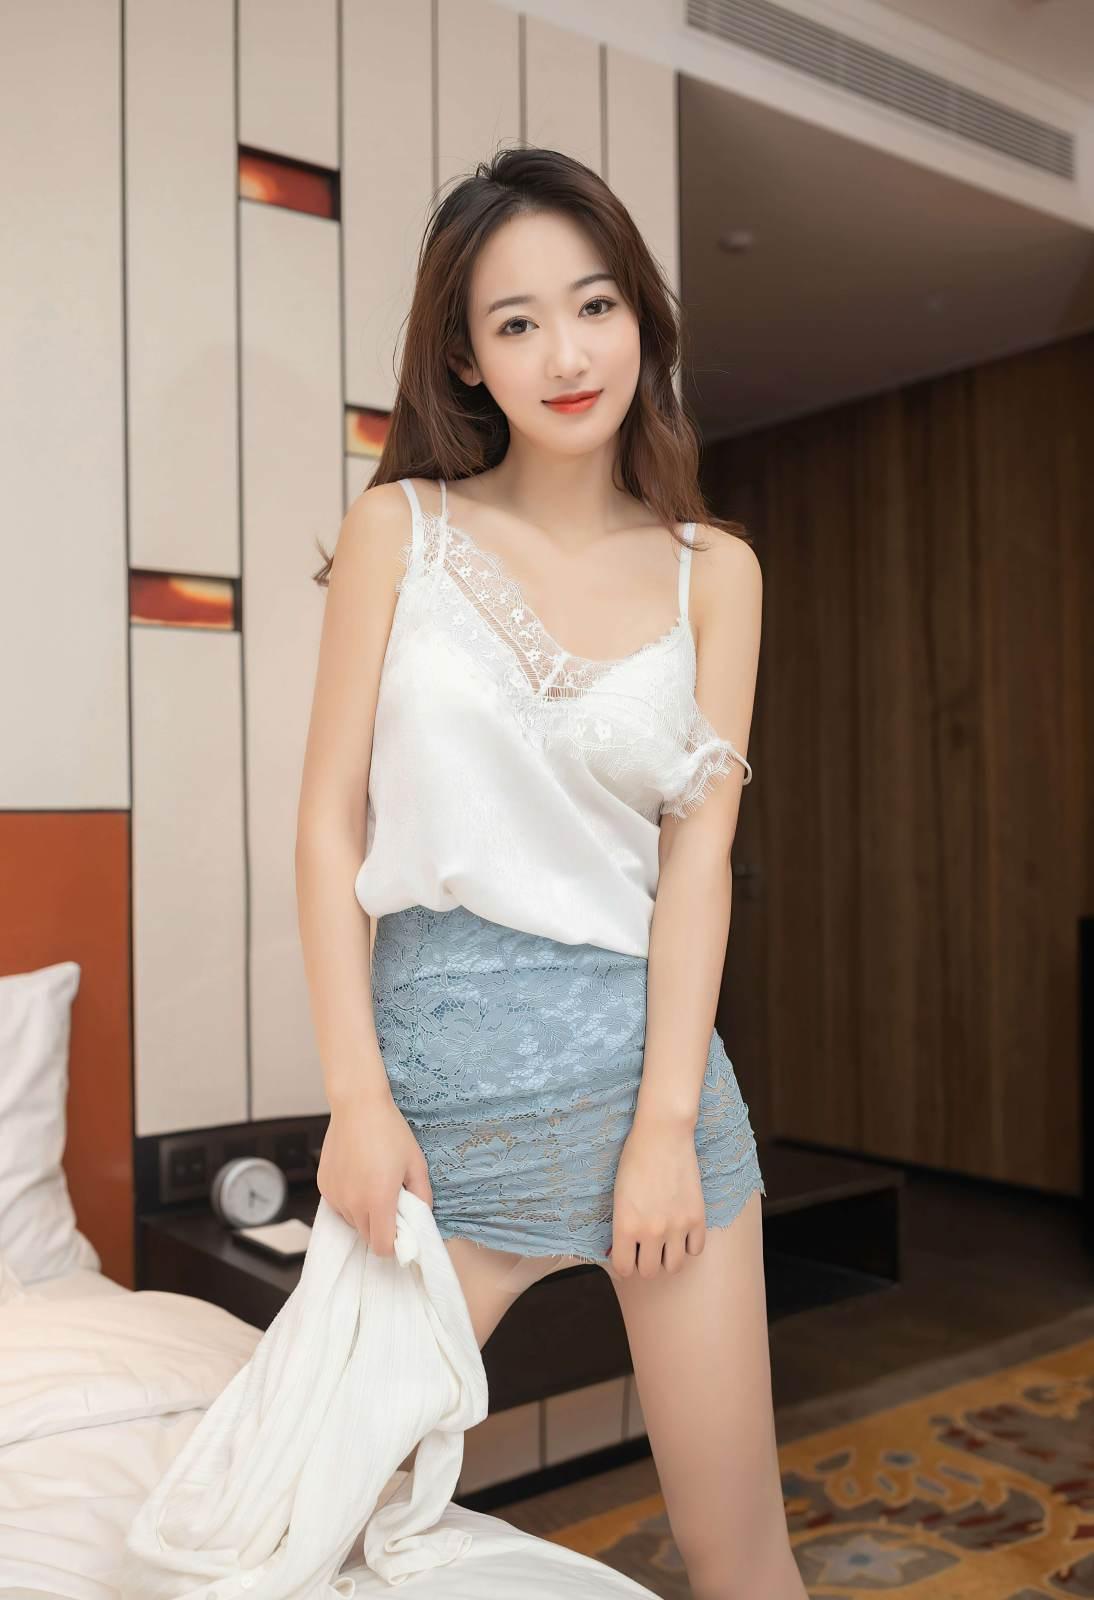 第171期美丽姐妹花陆萱萱唐安琪(高跟,丝袜)_图片8